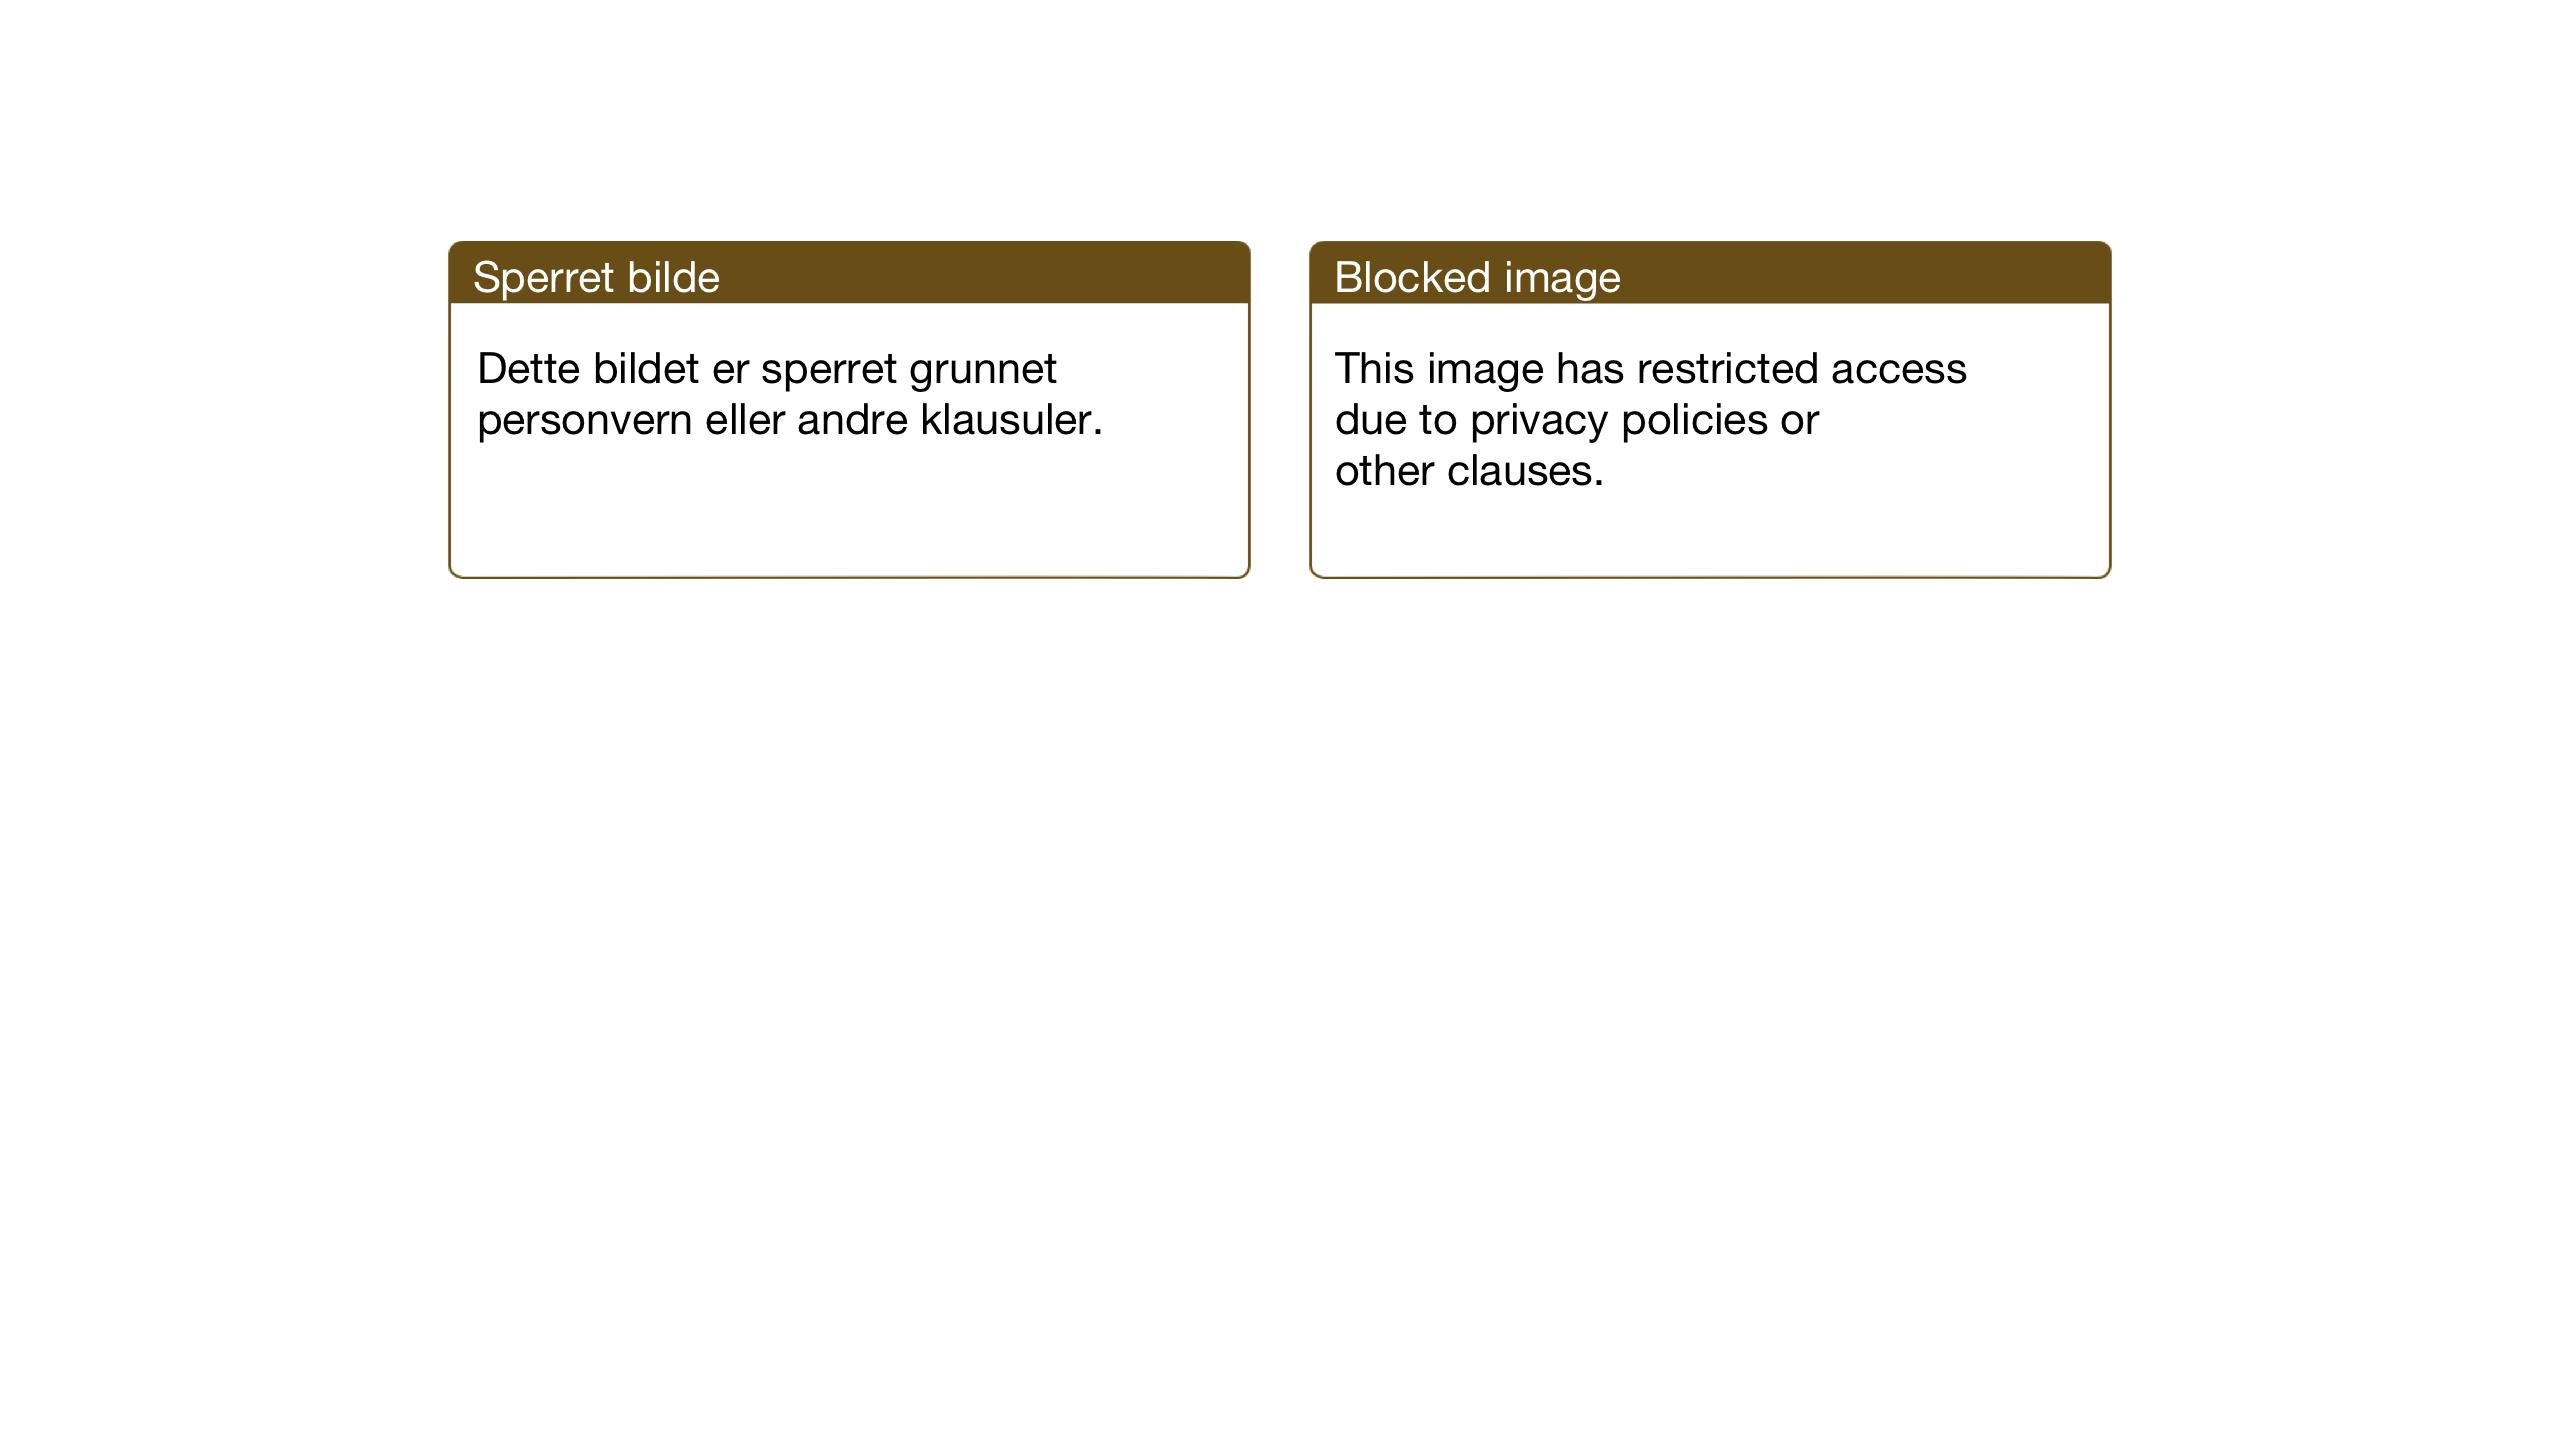 SAT, Ministerialprotokoller, klokkerbøker og fødselsregistre - Sør-Trøndelag, 604/L0228: Klokkerbok nr. 604C11, 1928-1950, s. 243